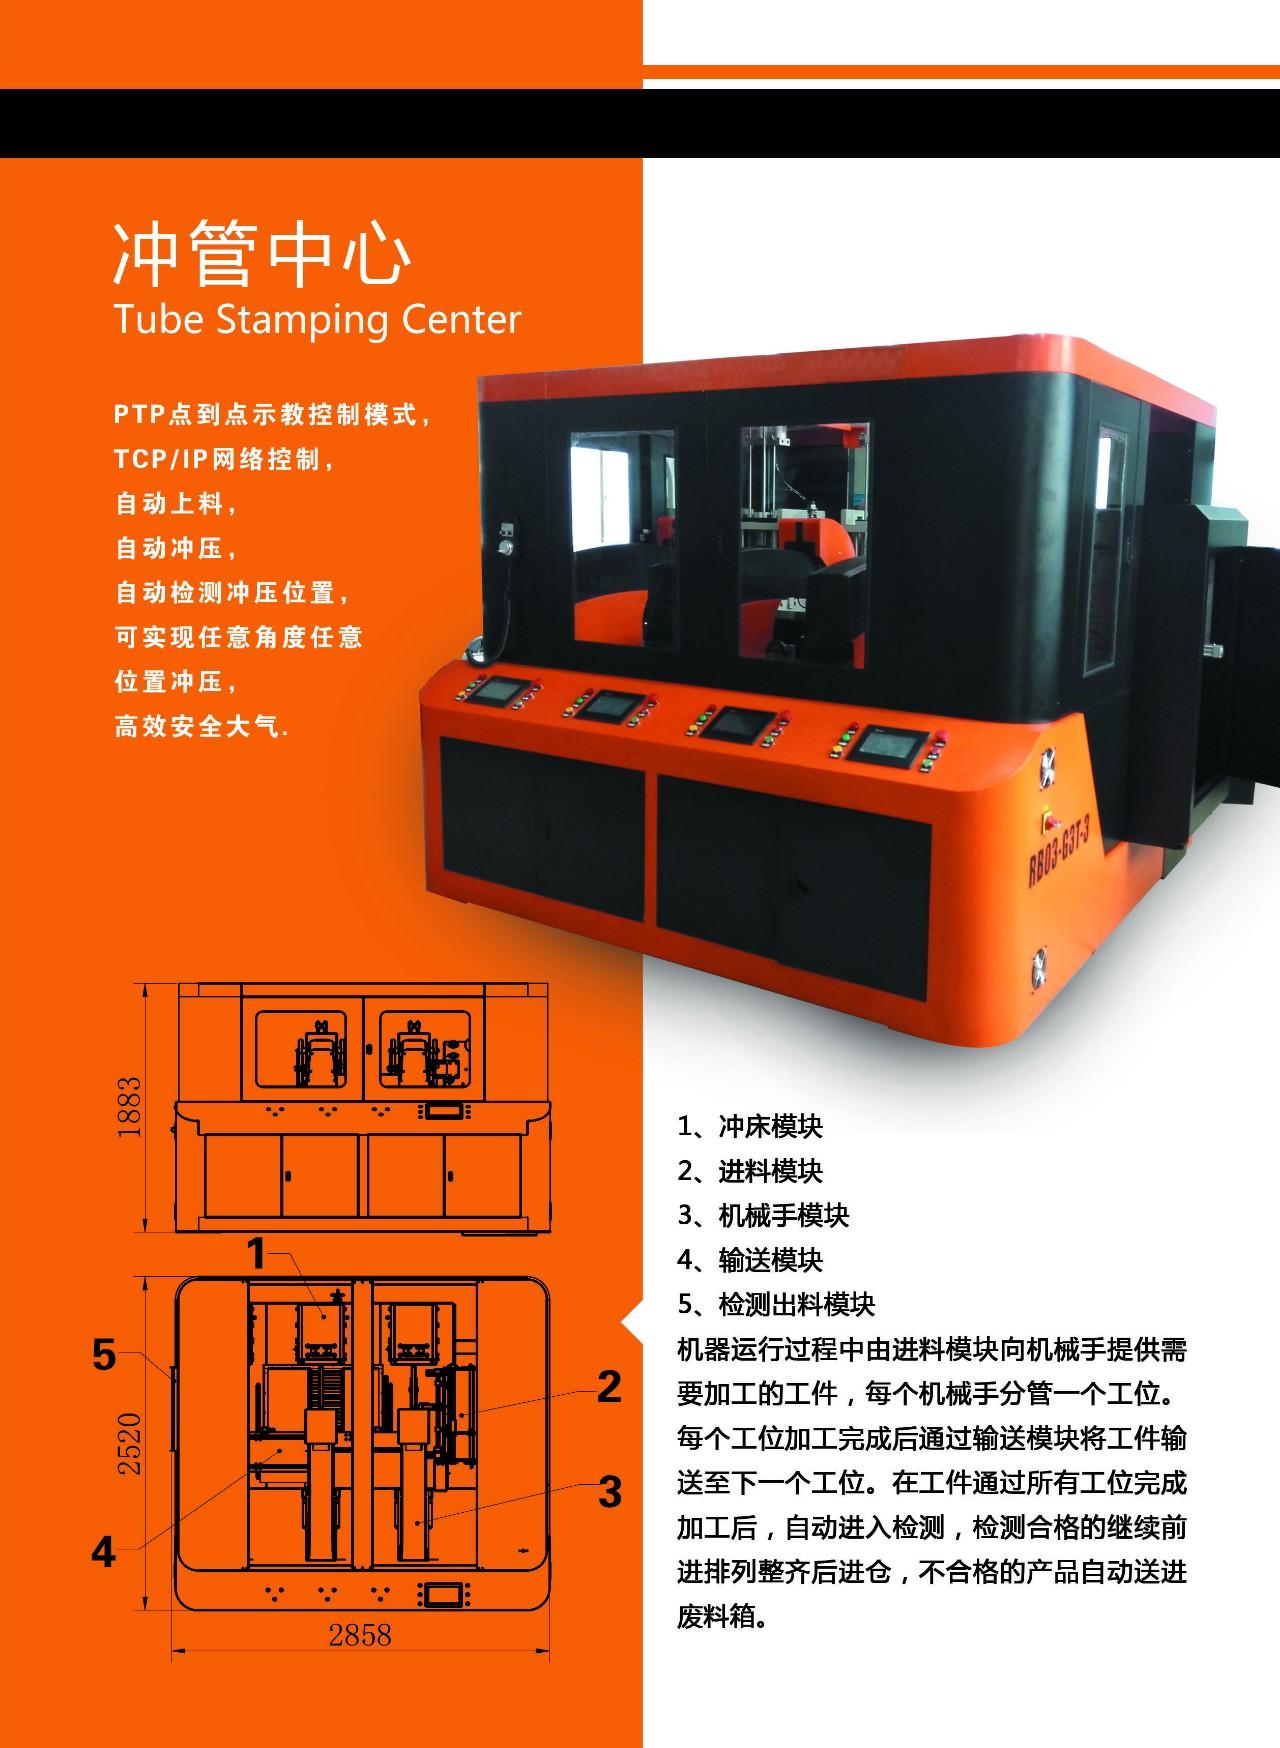 专业供应冲压机器人、无人化工厂设计及实施